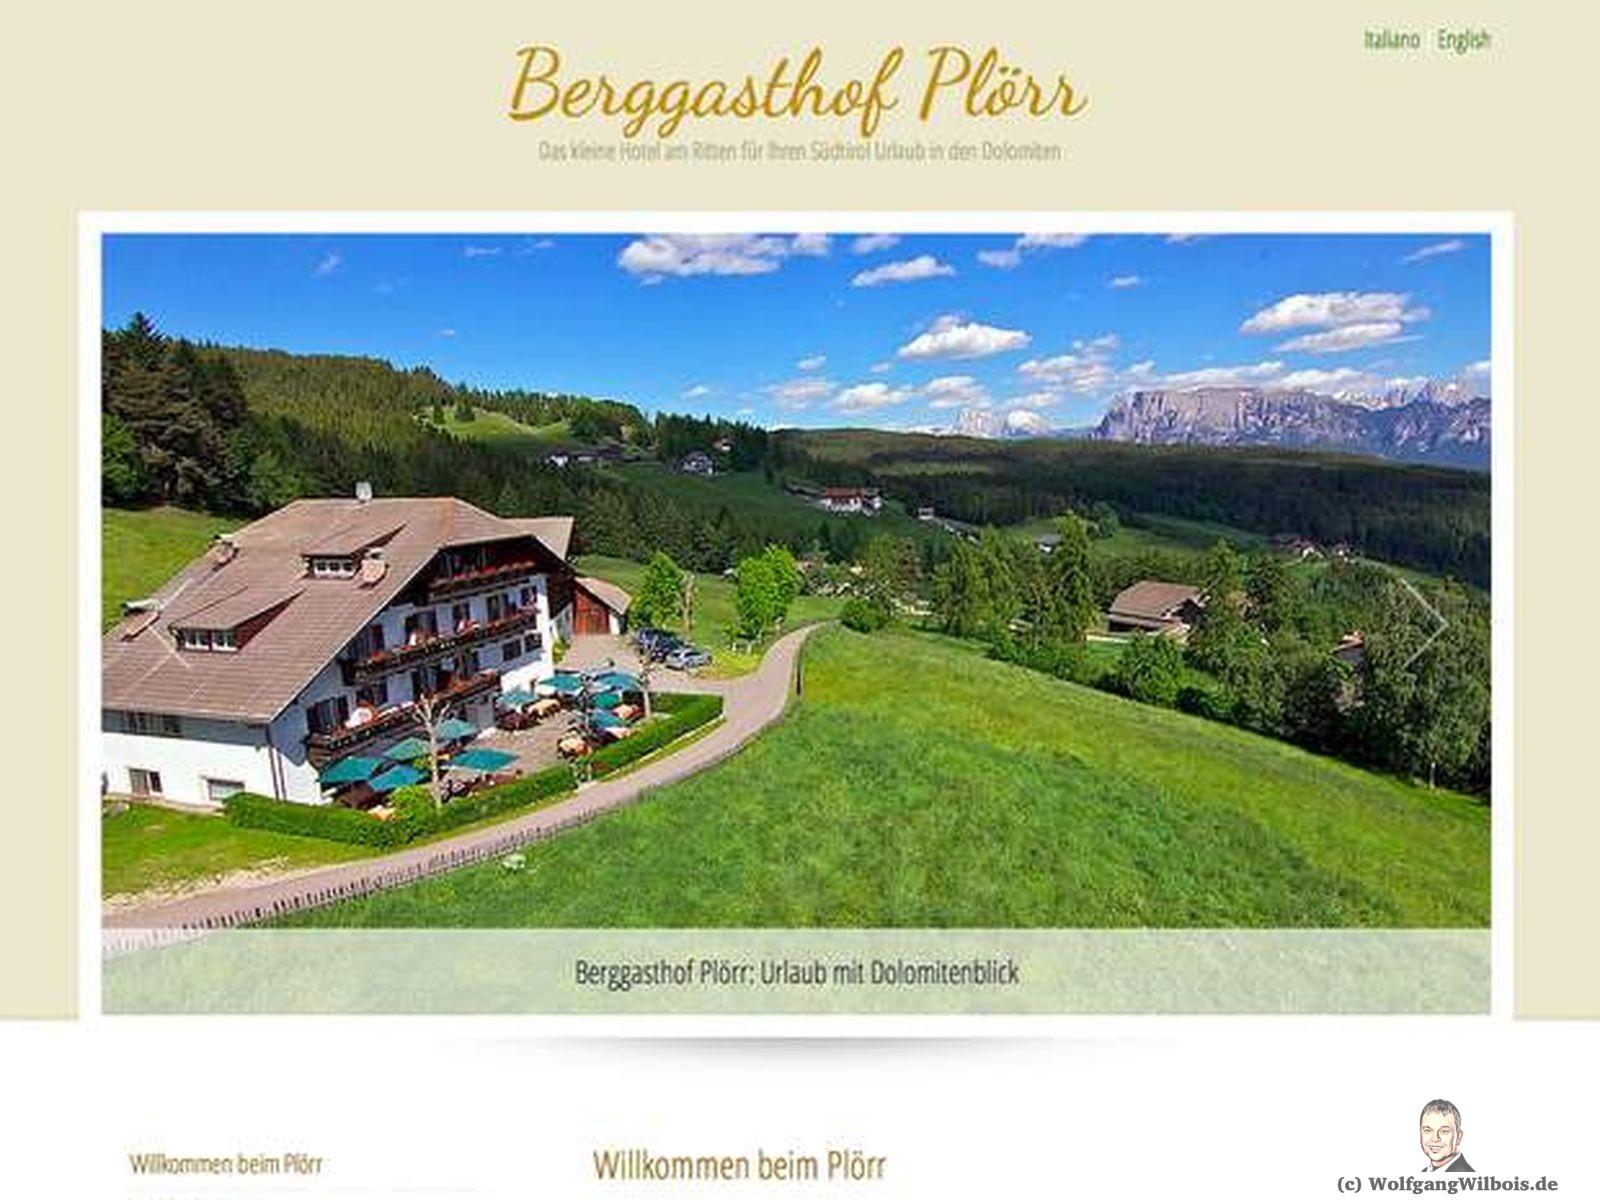 Berggasthof Ploerr Ritten